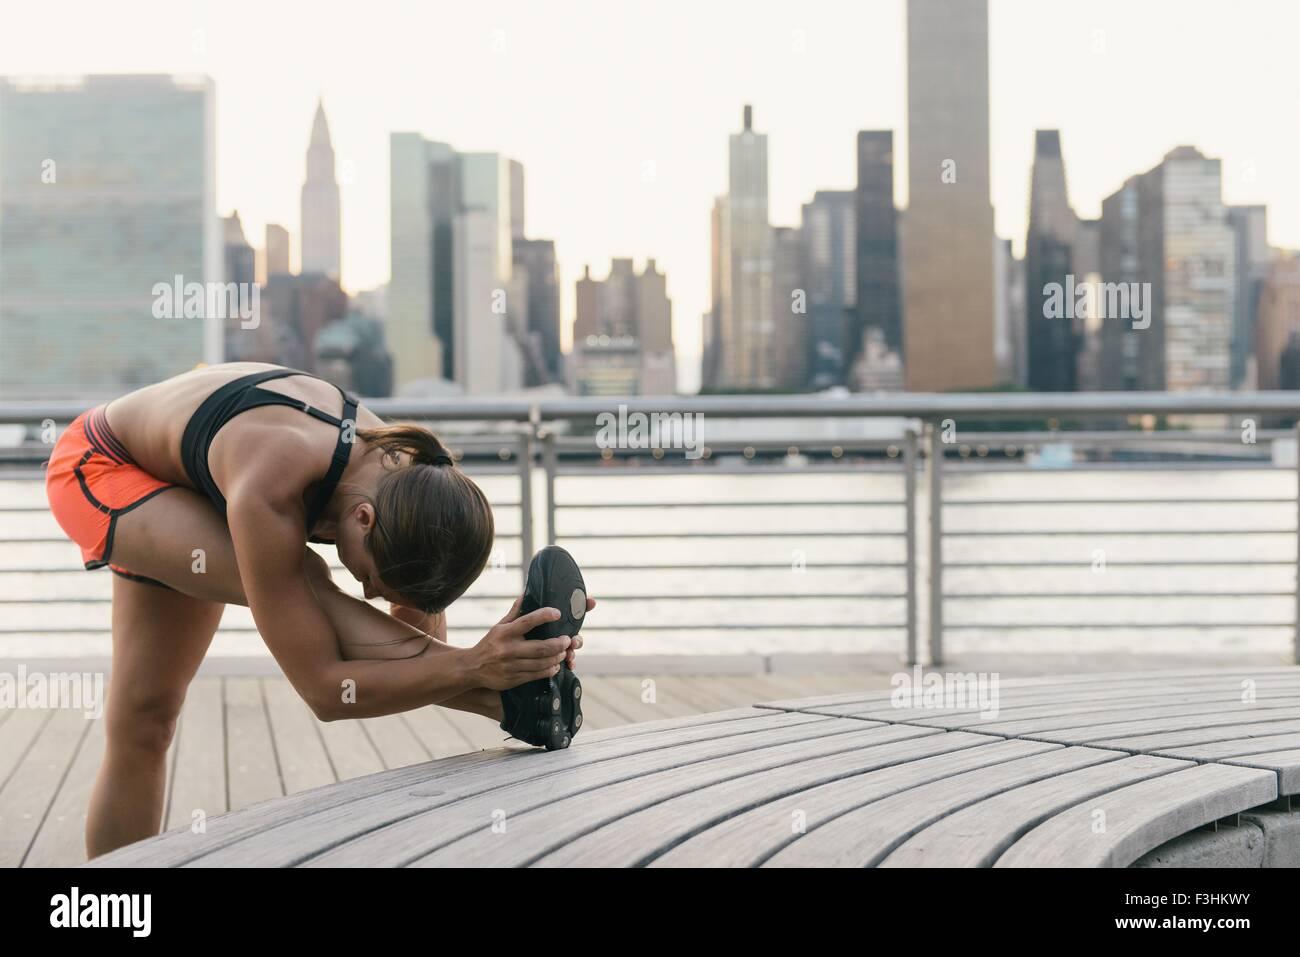 Junge Frau in Laufbekleidung neben Fluss stretching vor dem Training Stockfoto